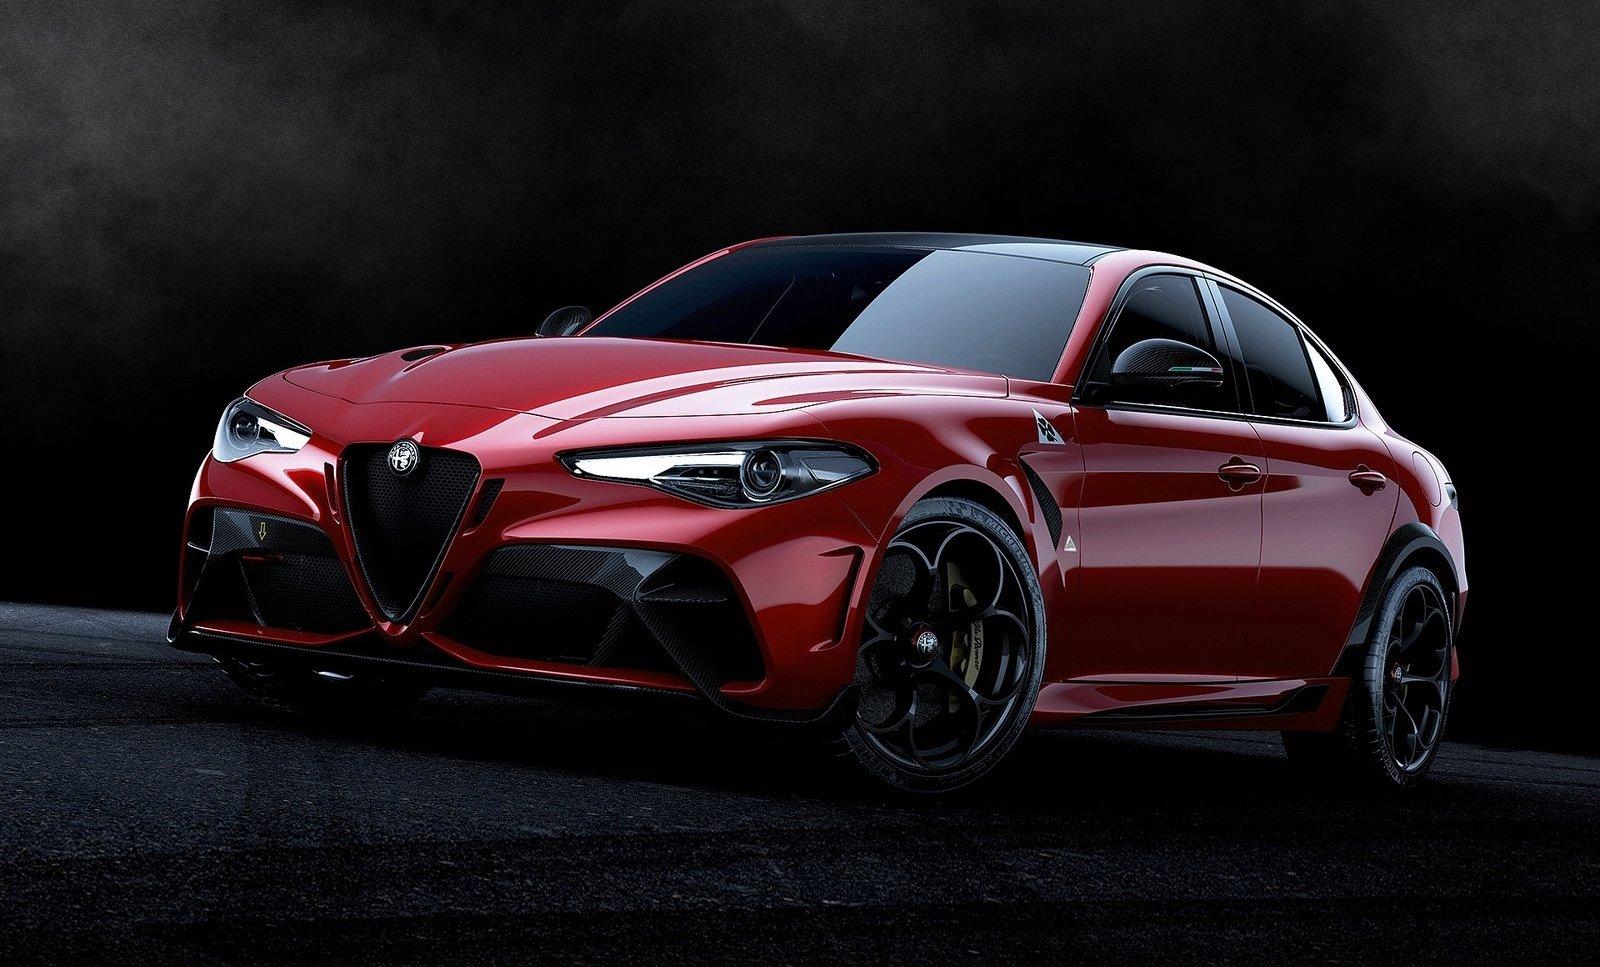 Caratteristiche di Alfa Romeo Giulia GTA